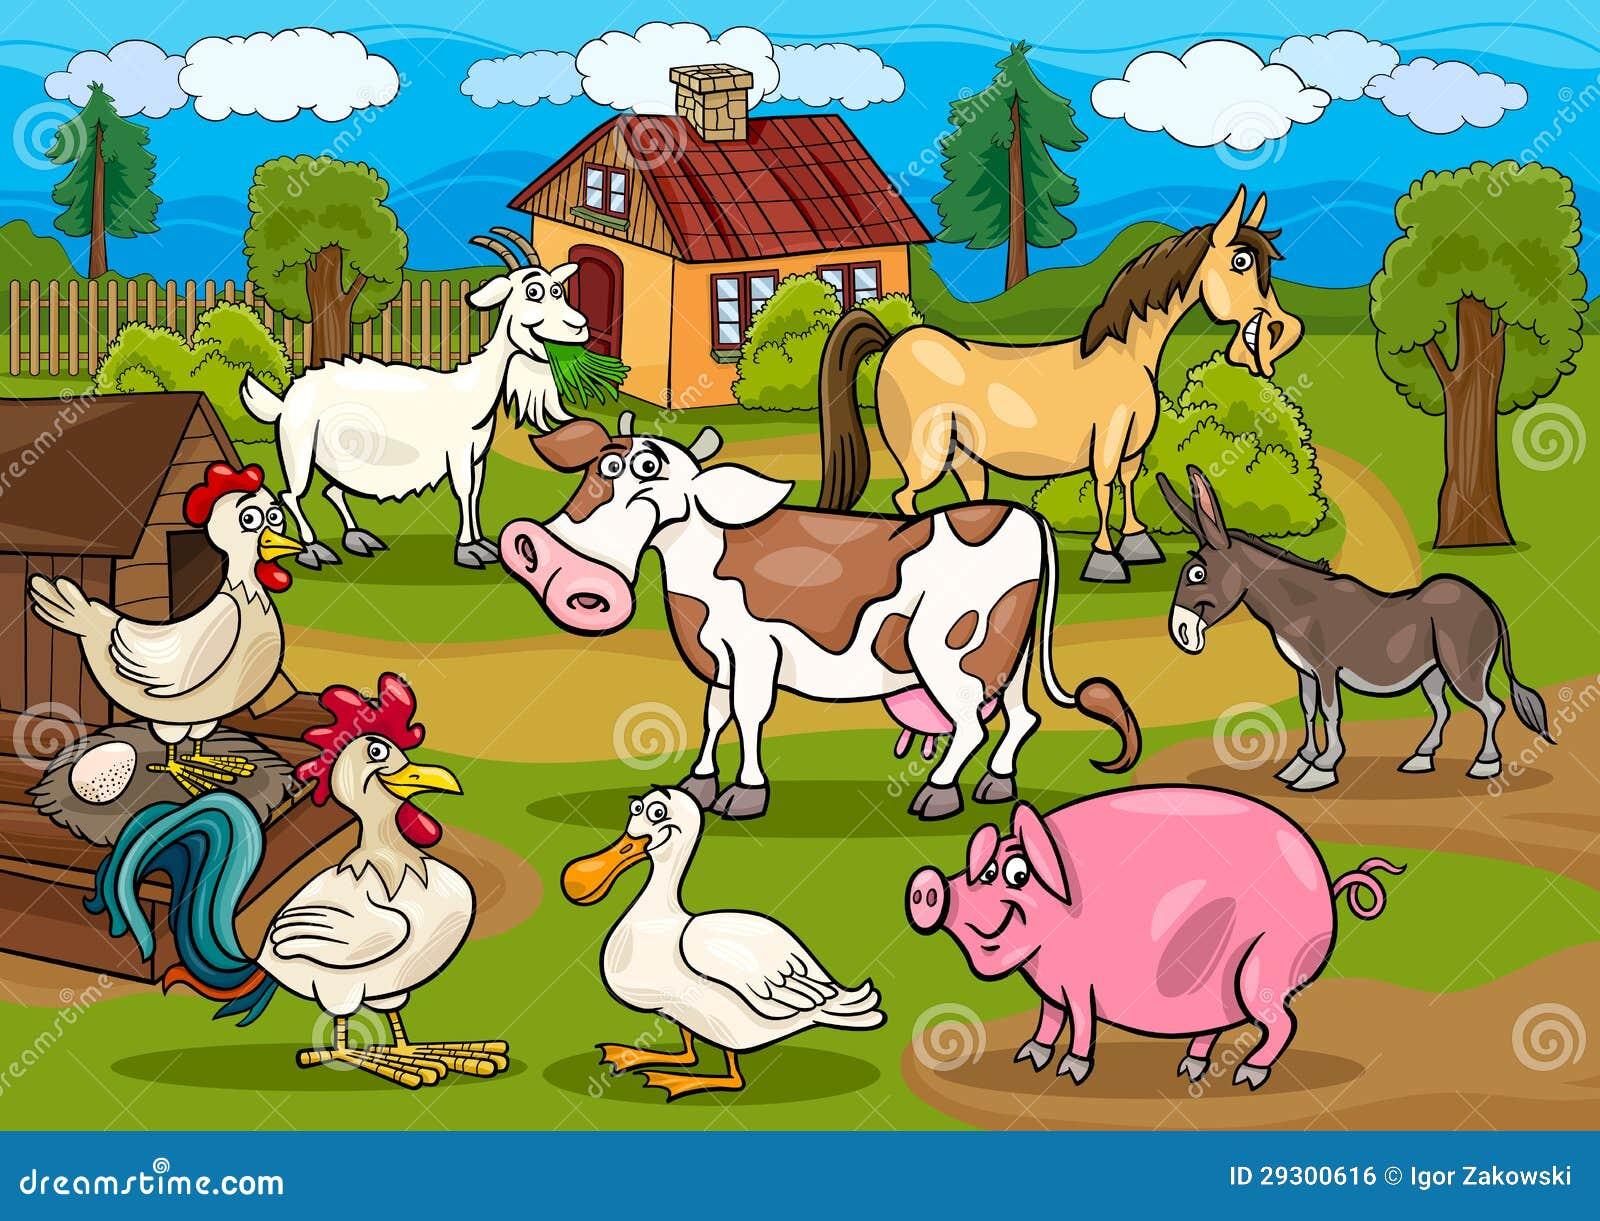 Ilustração rural dos desenhos animados da cena dos animais de exploração agrícola